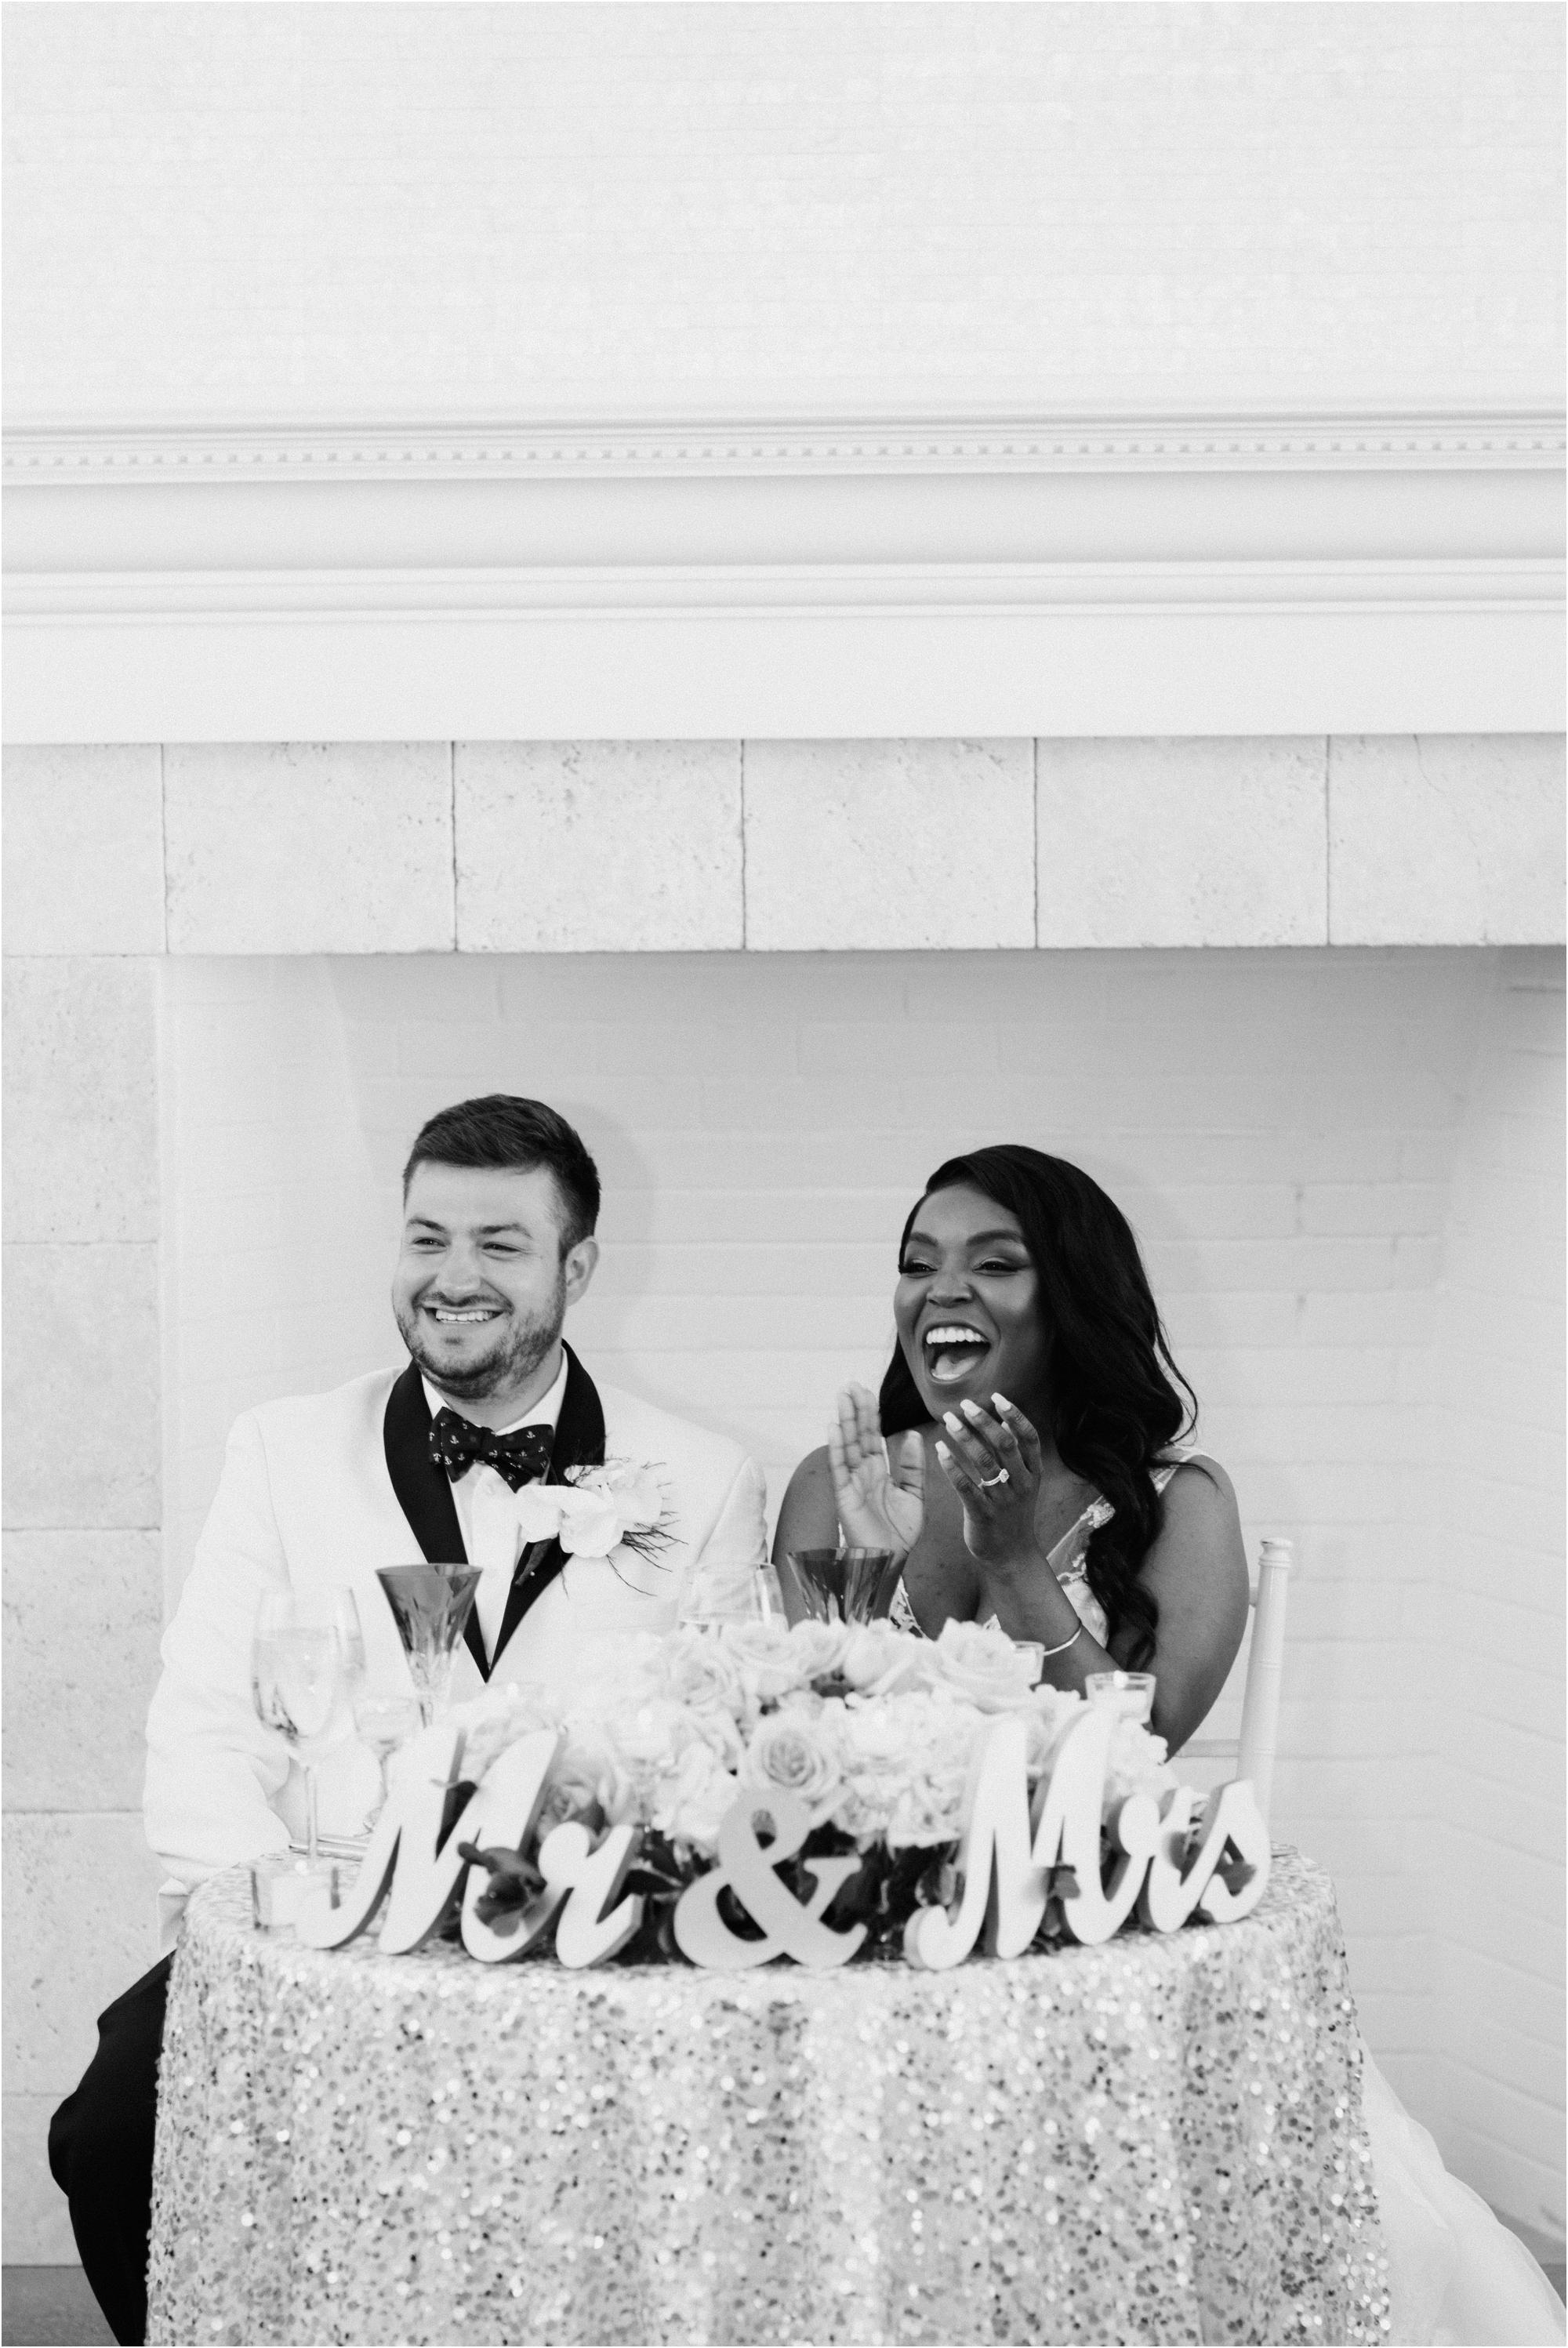 JANELLEANDJULIAN-wedding-madelinerosephotographyco_0047.jpg